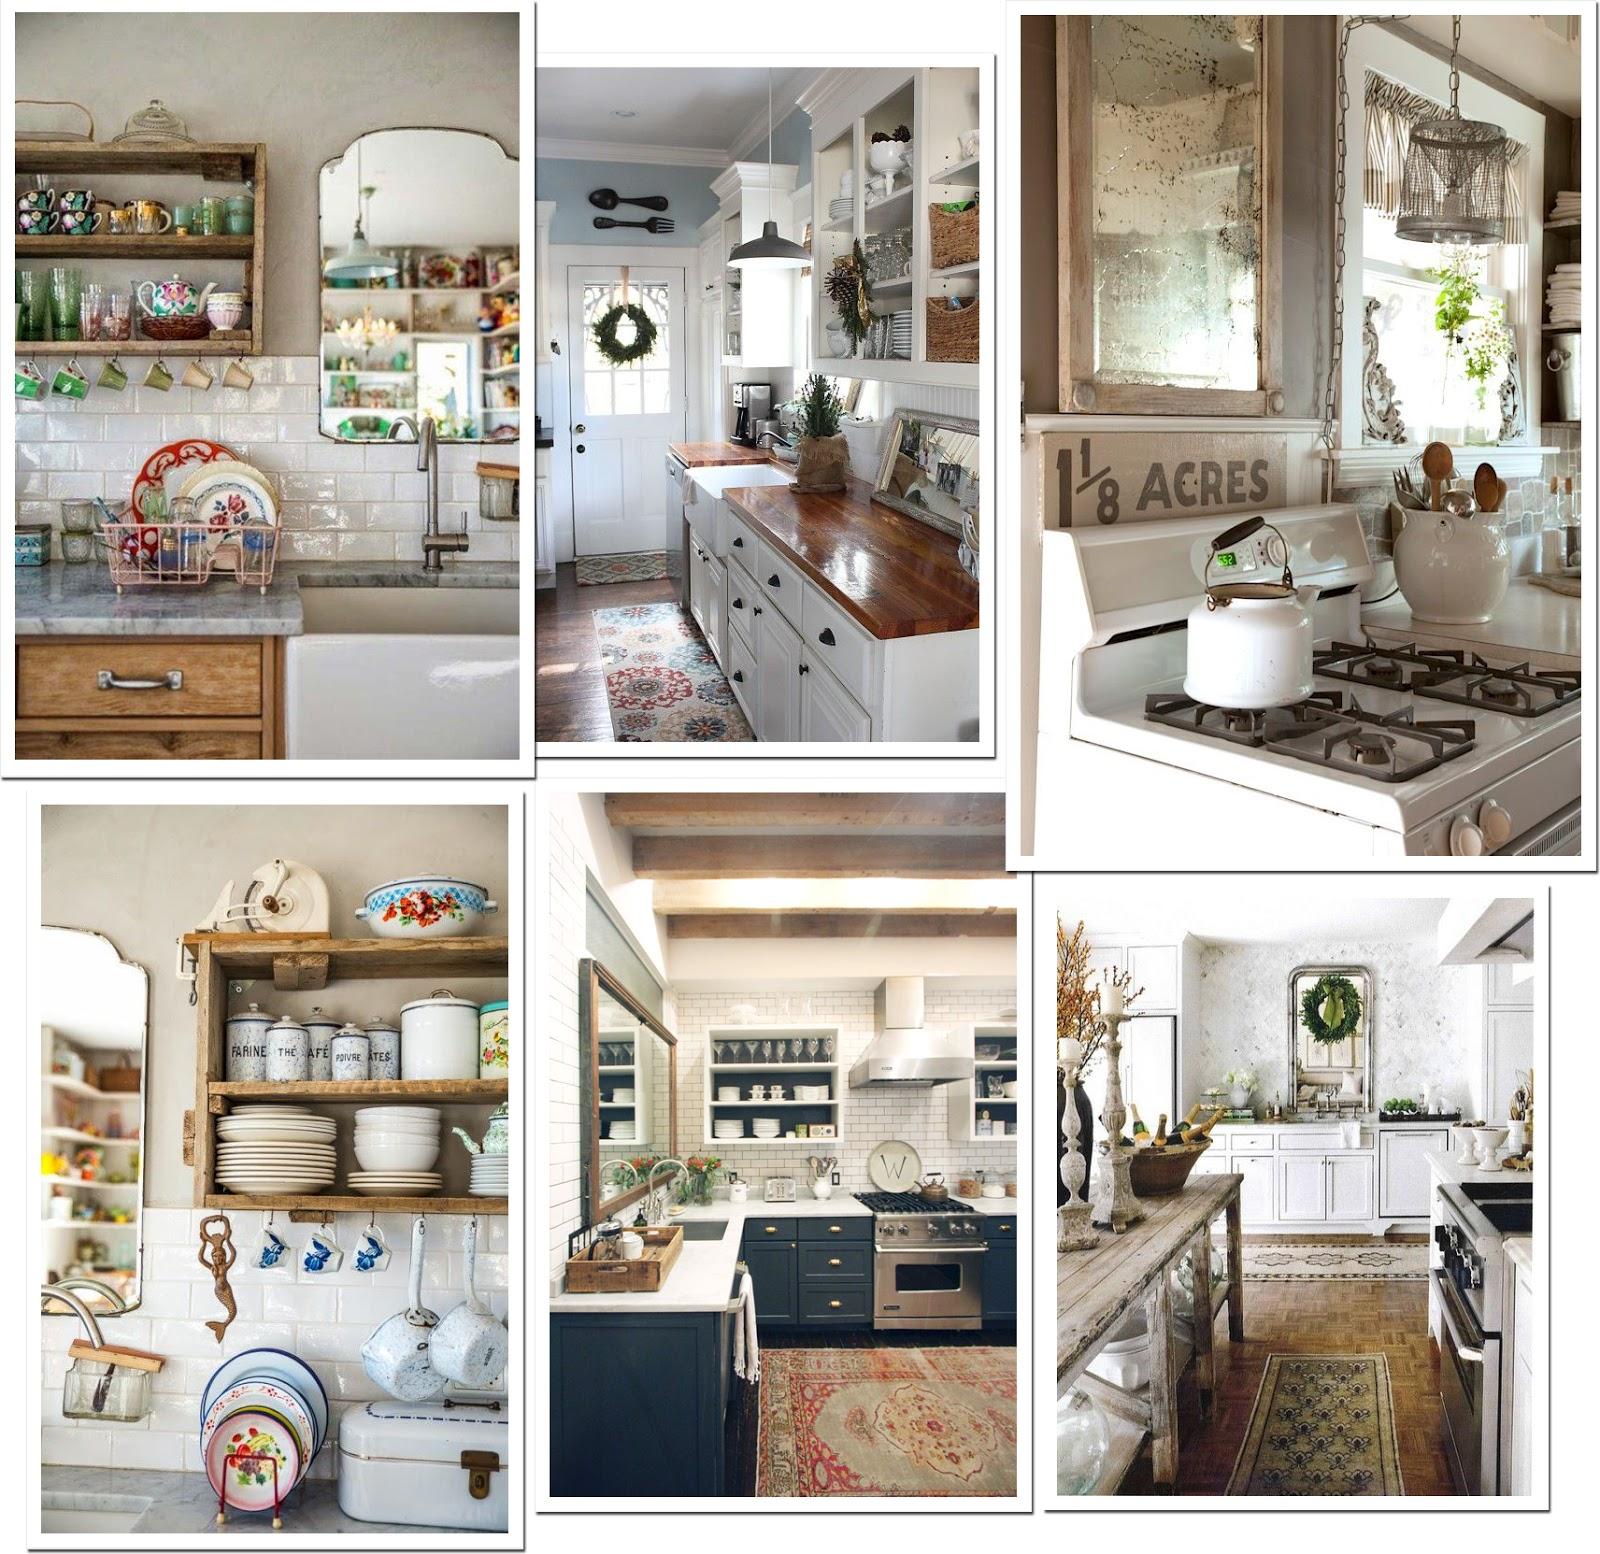 Uno specchio in cucina shabby chic interiors - Specchio shabby chic ...